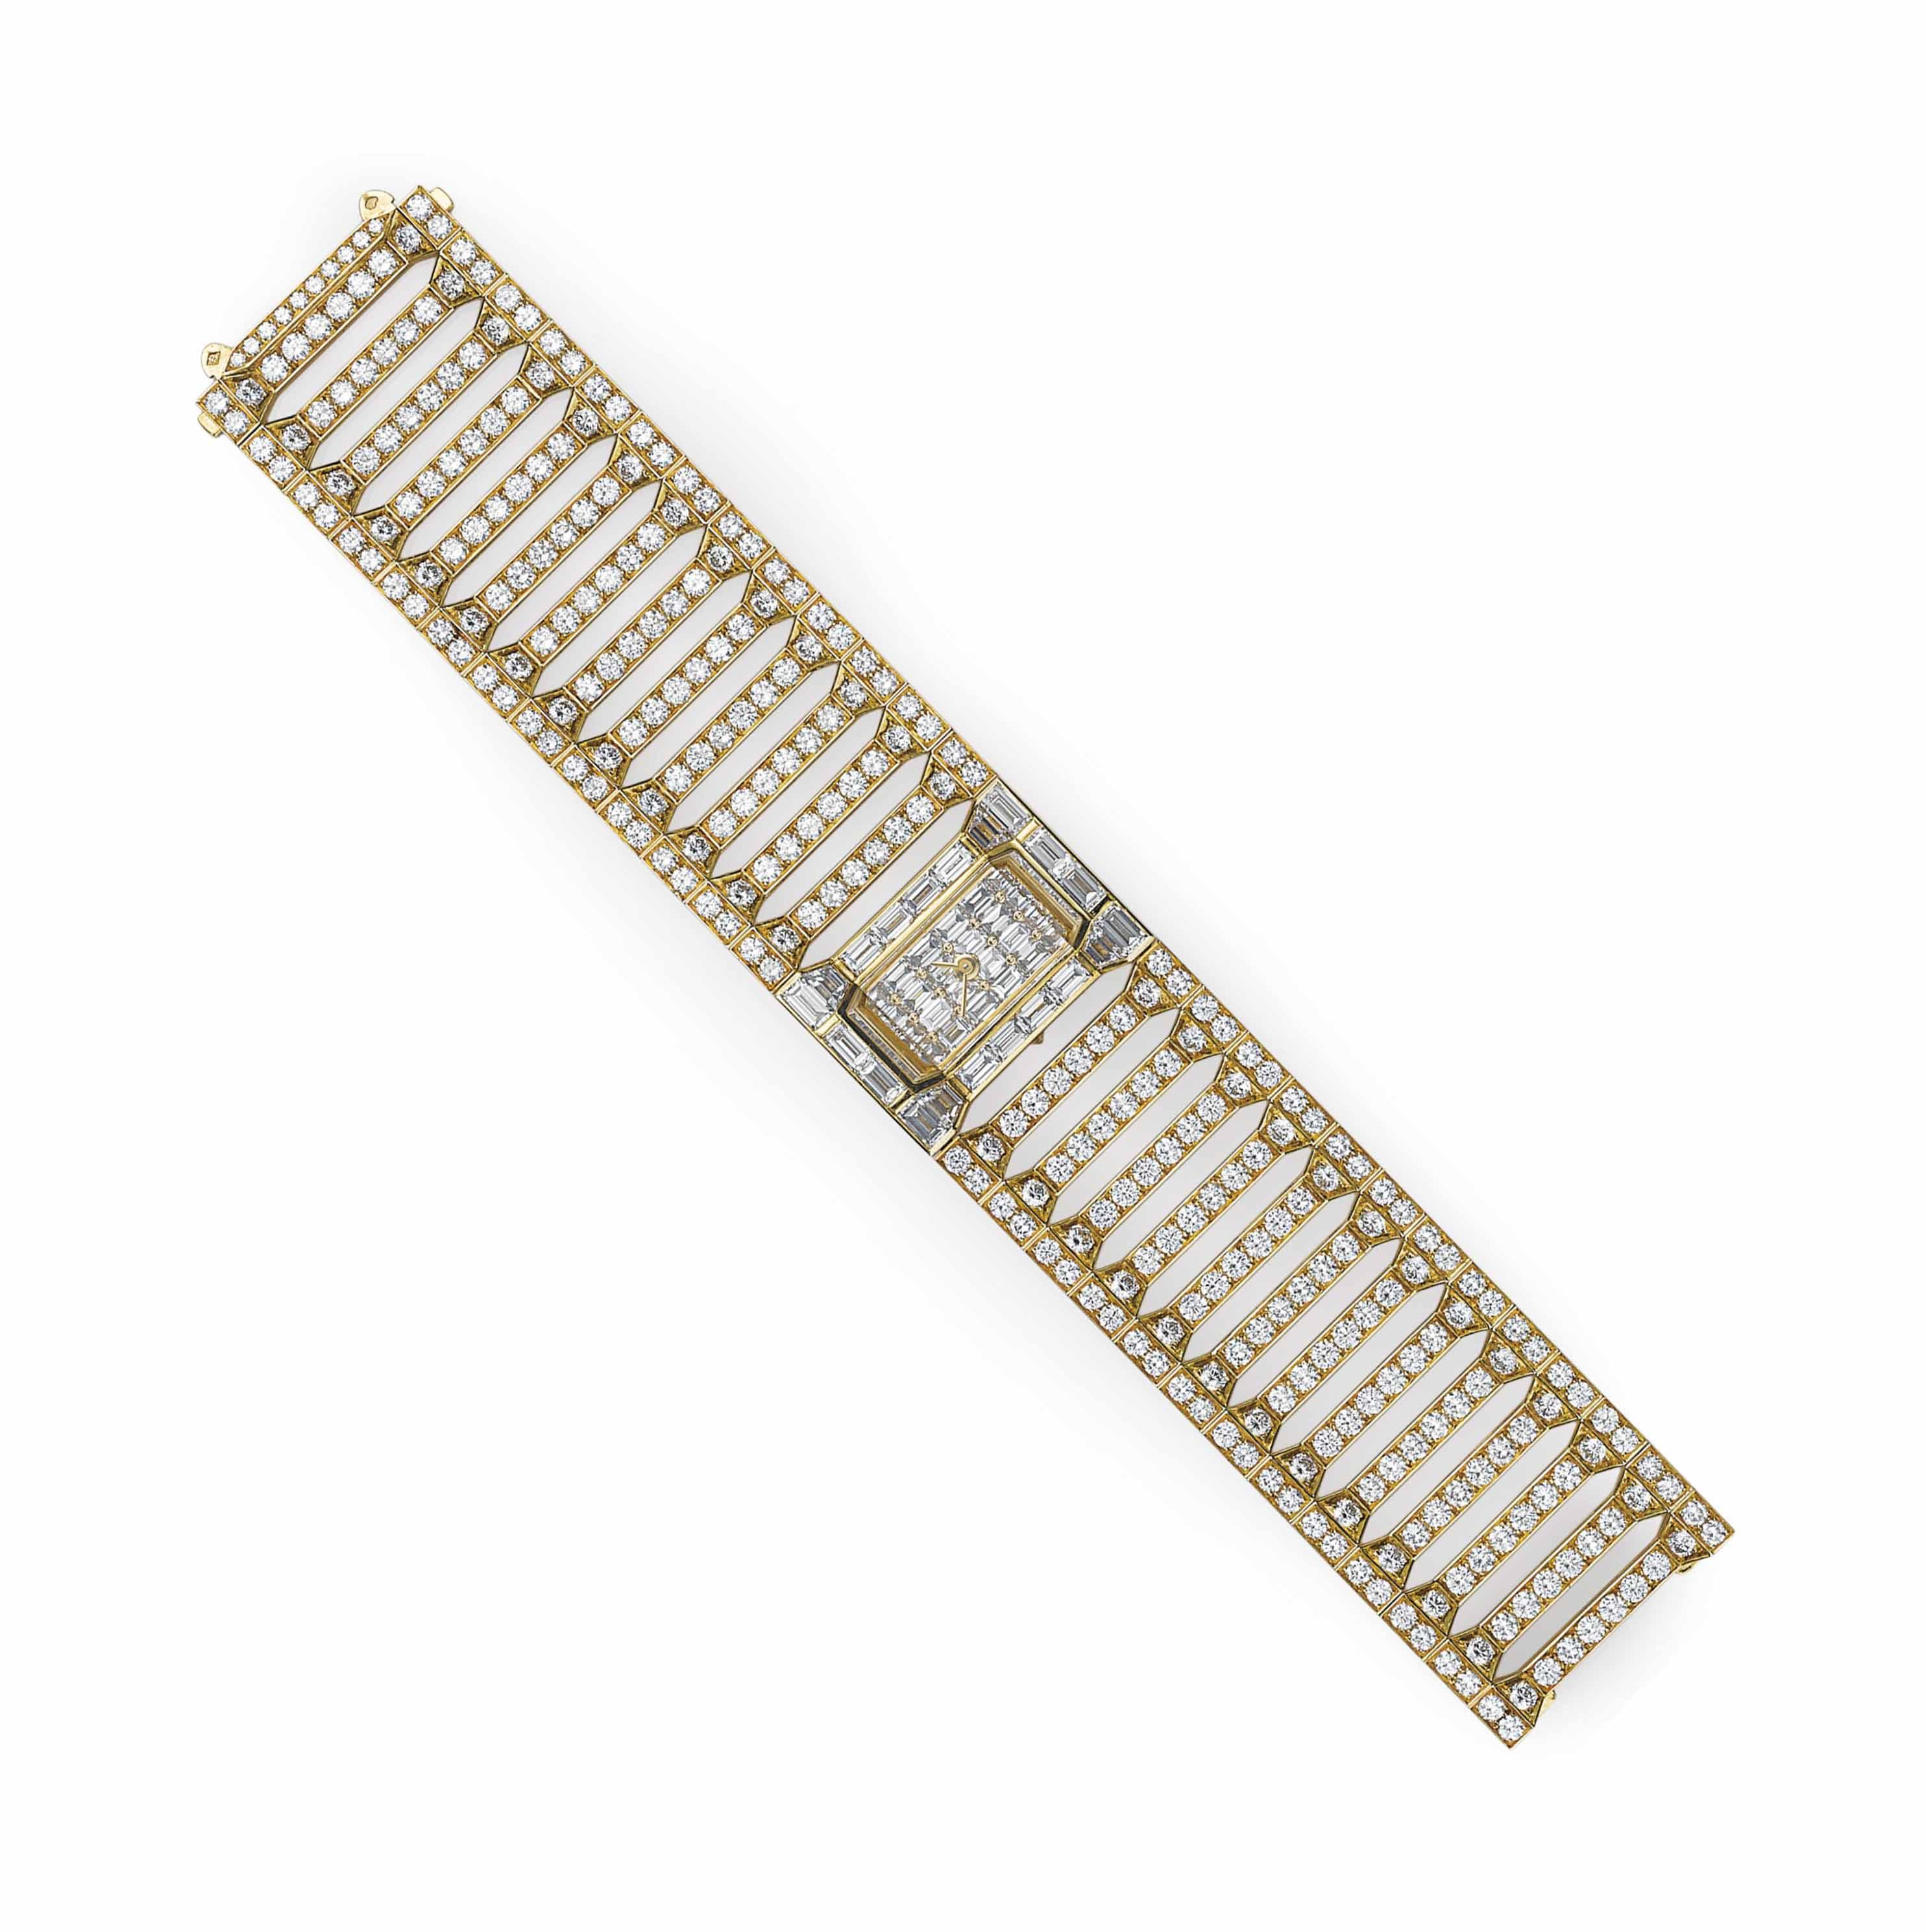 A DIAMOND AND GOLD BRACELET WR